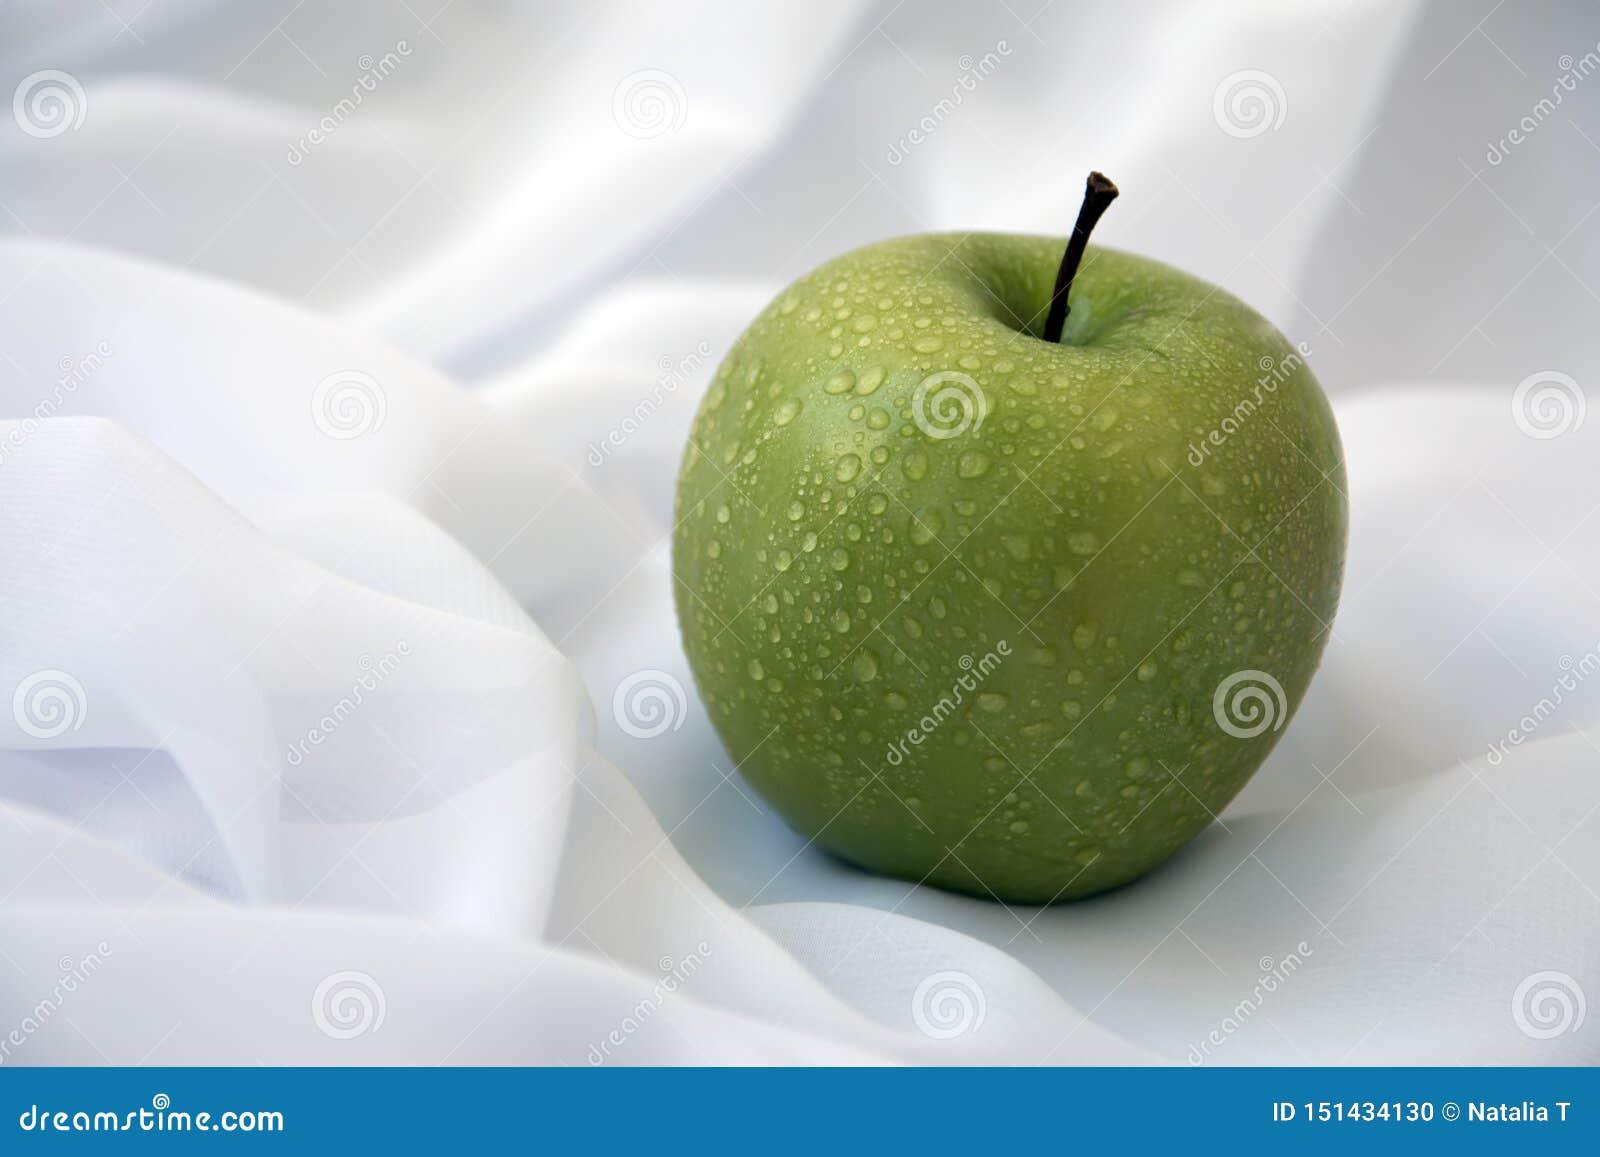 Groene appel op een witte achtergrond, met waterdruppeltjes